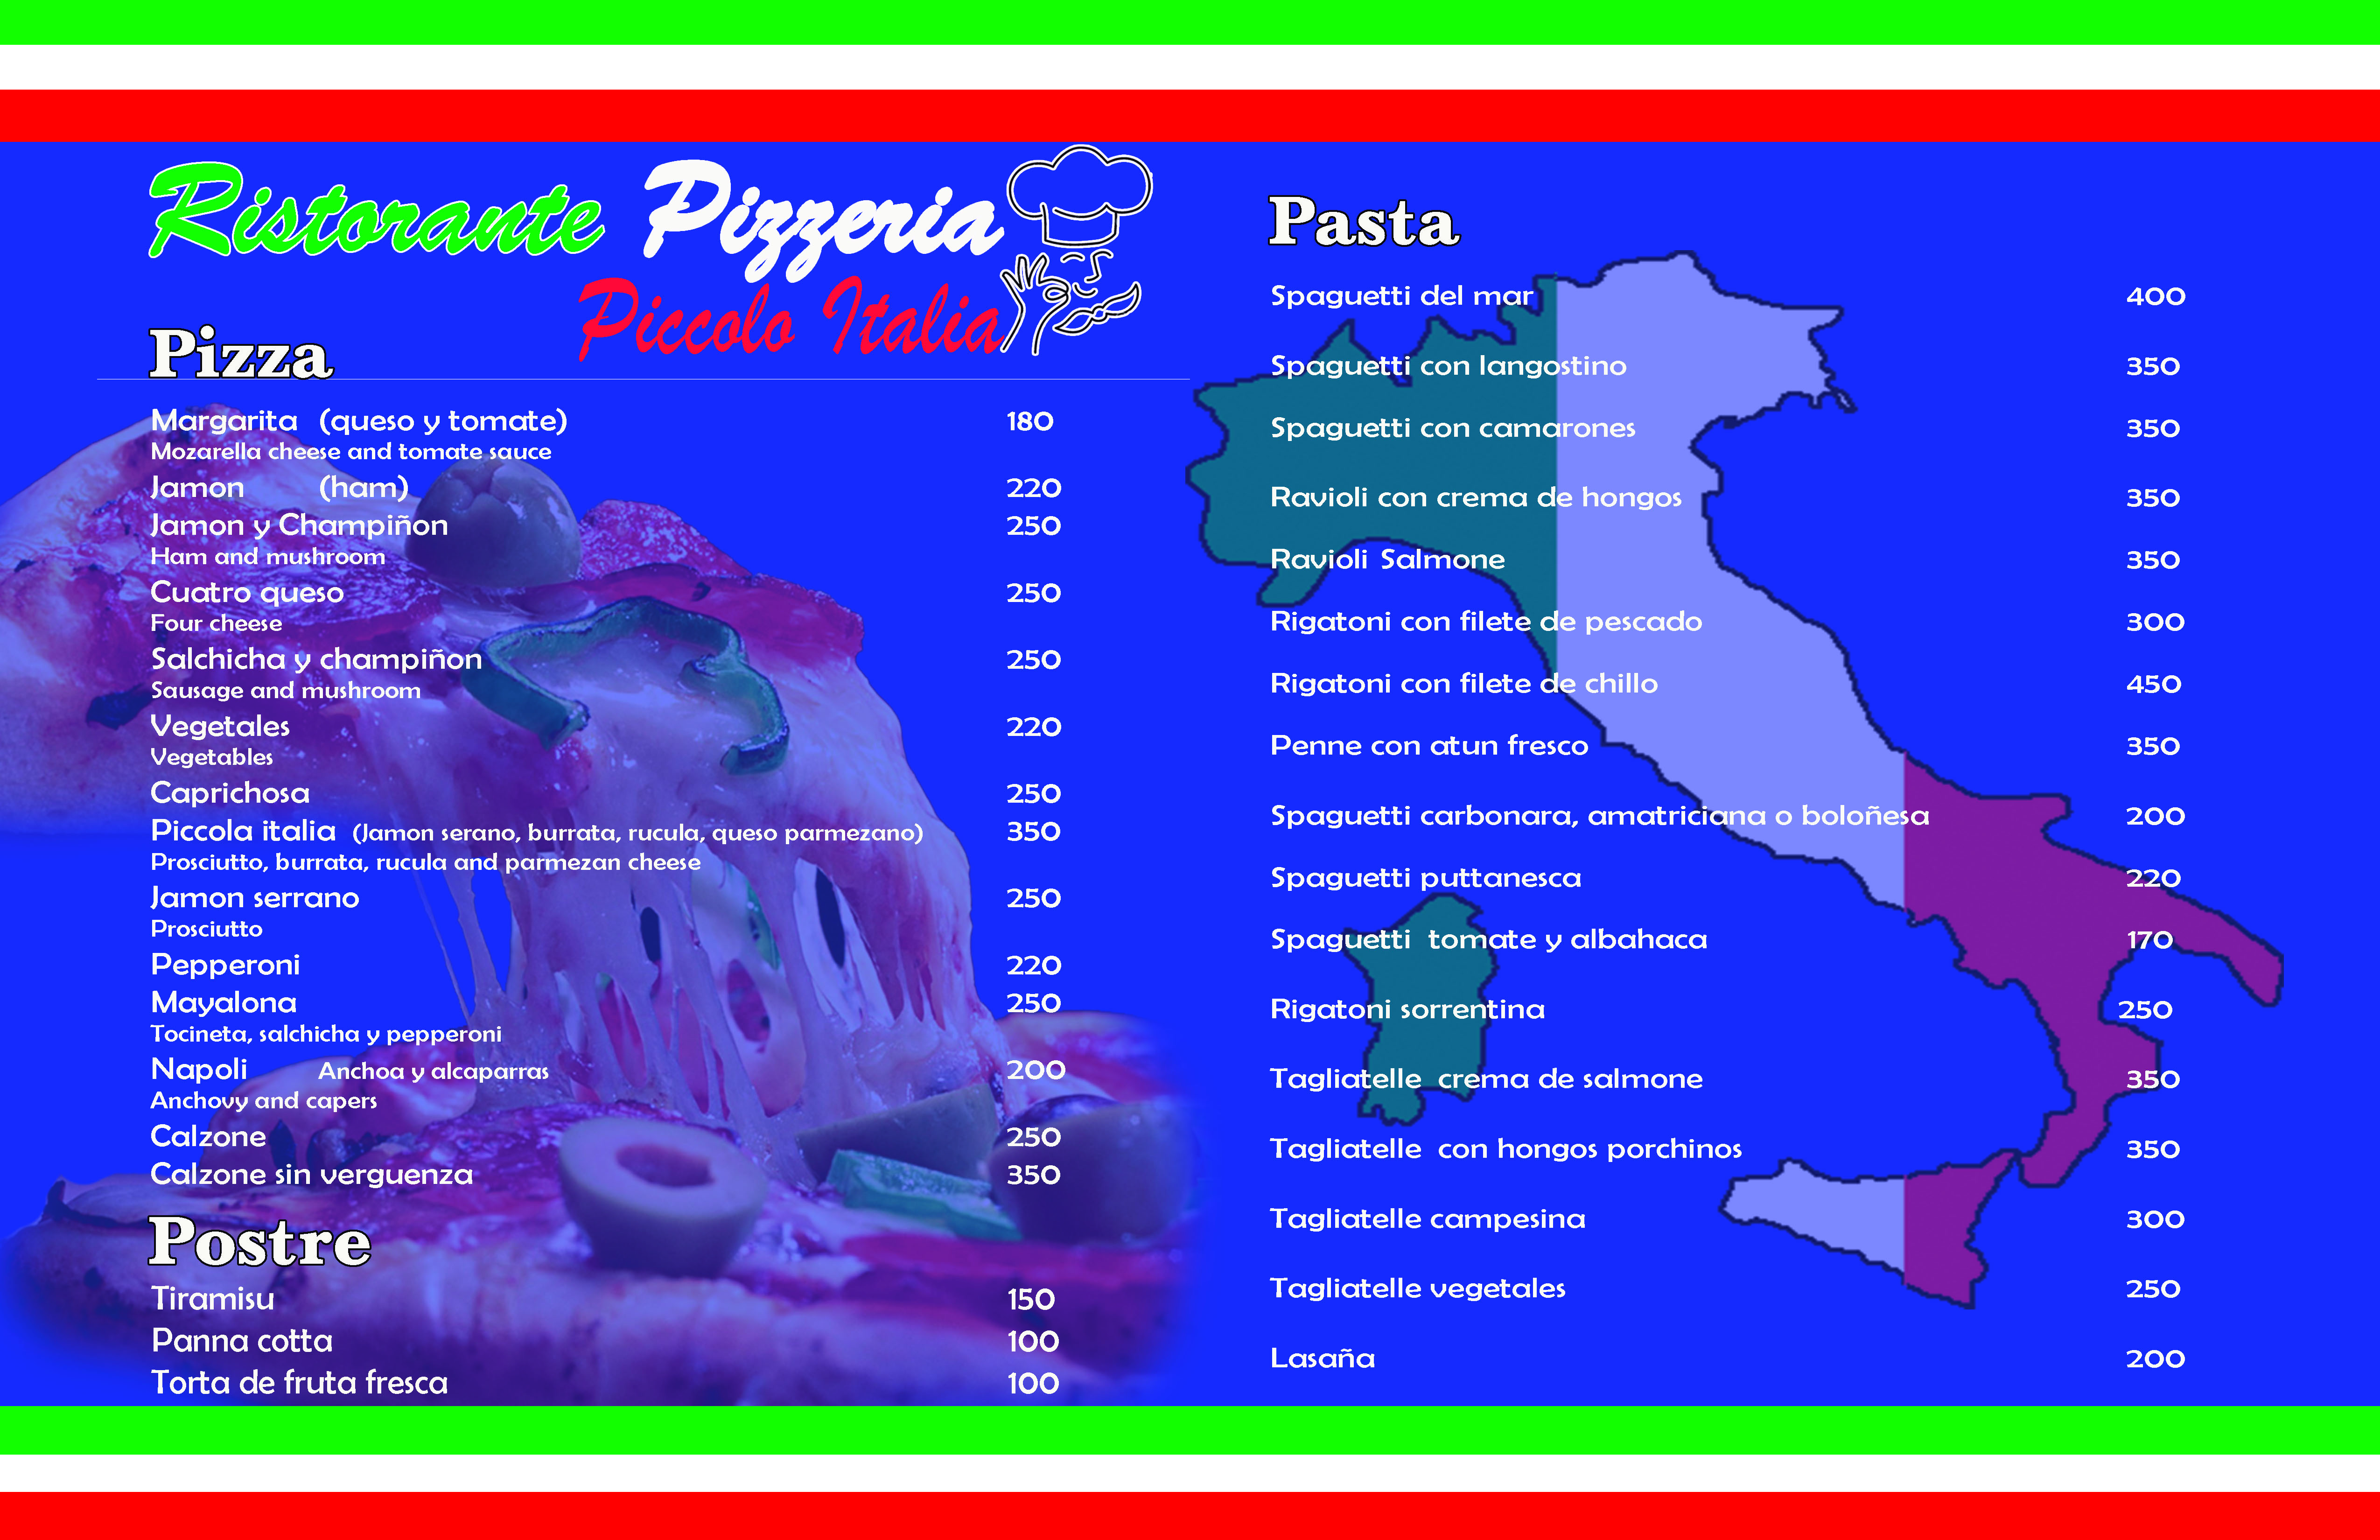 Menu Ristorante pizzeria piccola italia